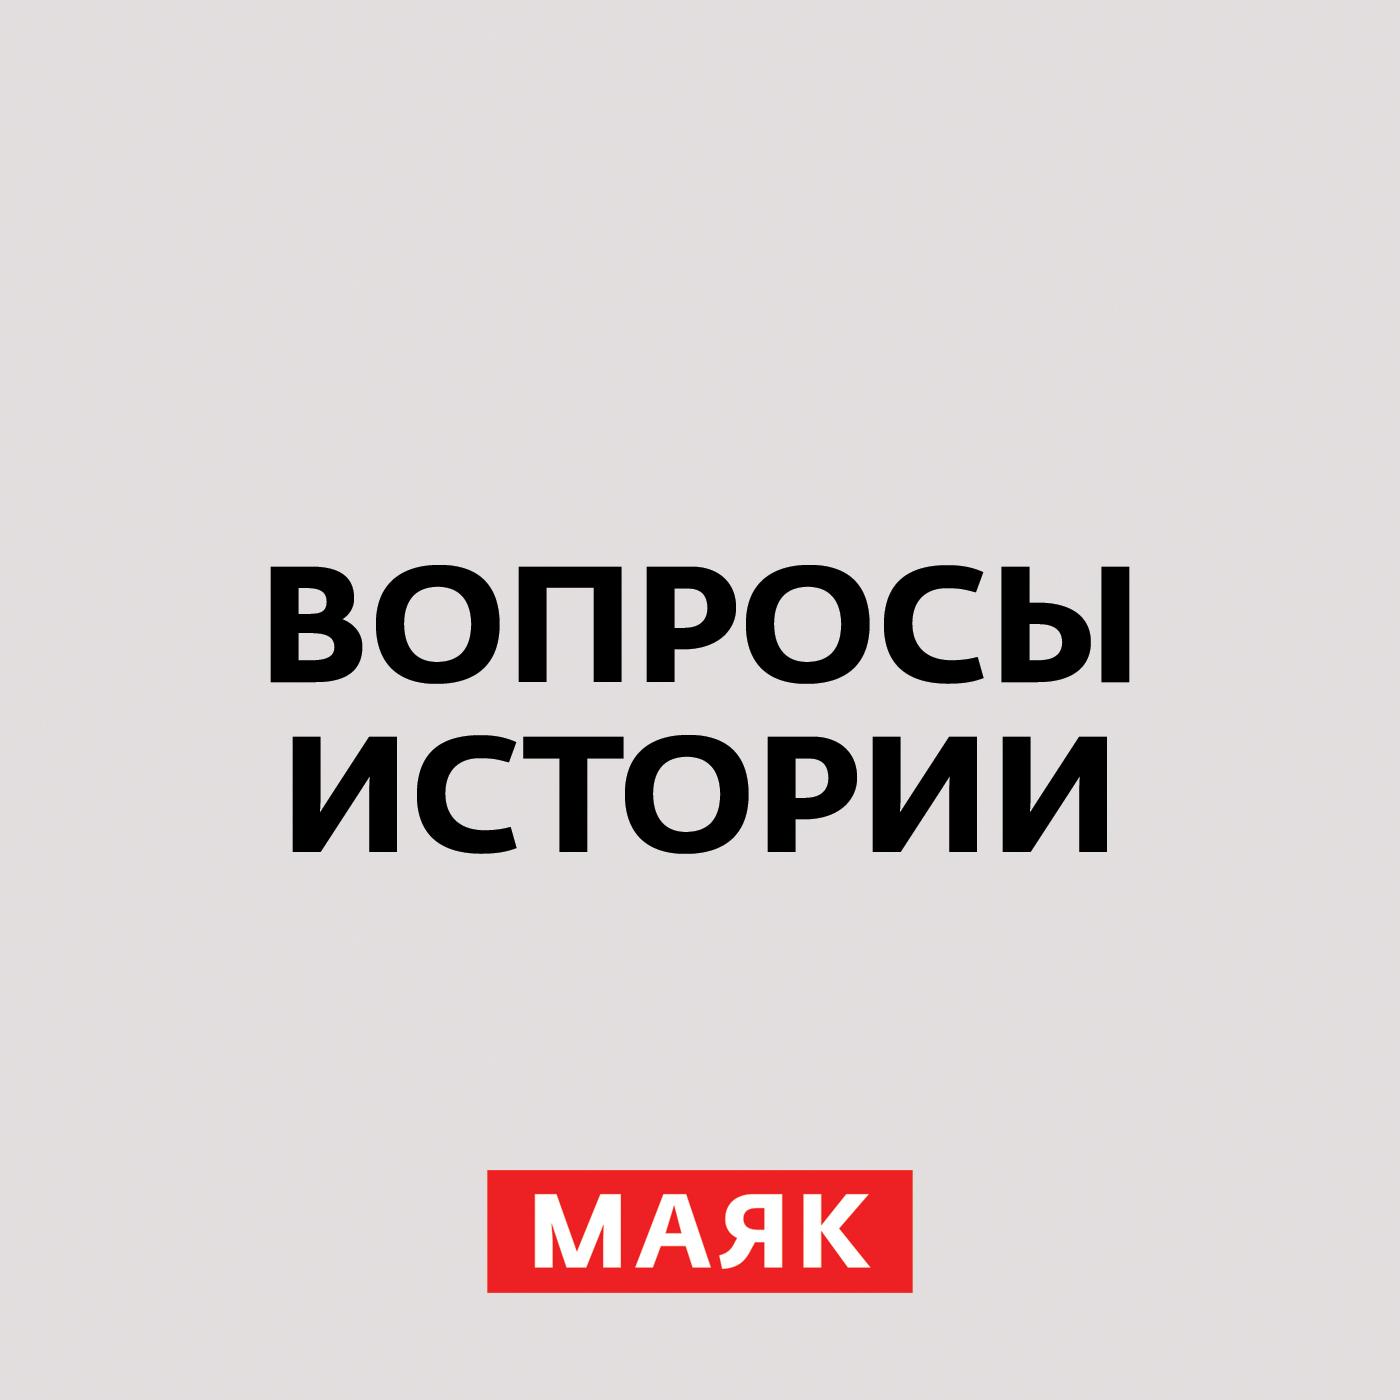 Андрей Светенко Ленд-лиз в годы ВОВ: мифы и реальность андрей светенко при анализе начала второй мировой всплывает много интересного часть 1